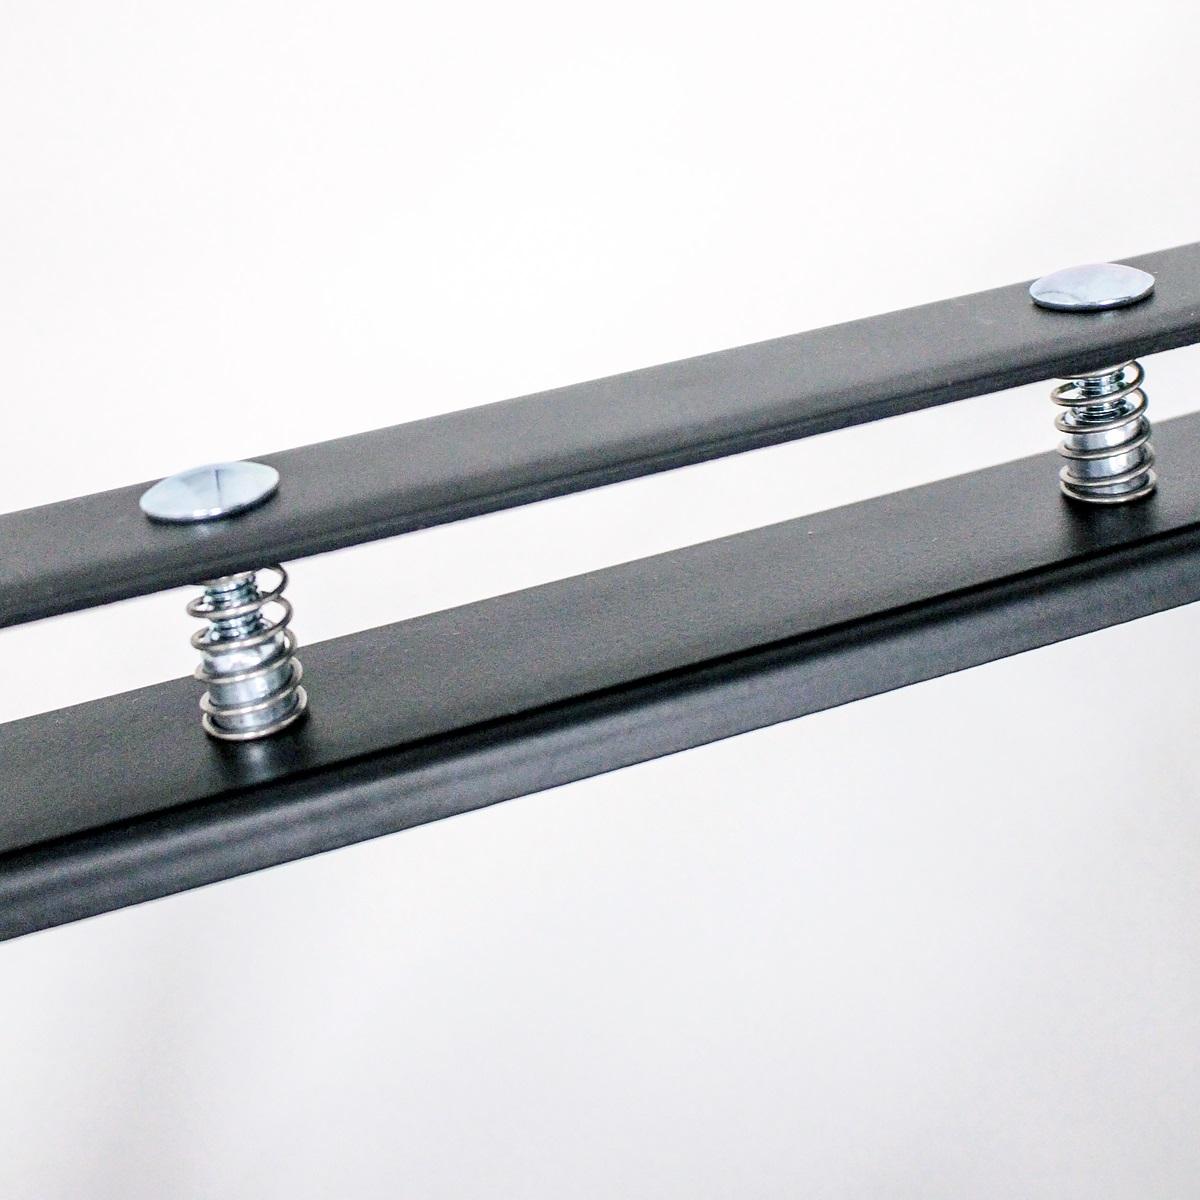 ラック用脚金具 基本セット250 ブラック 1個入 クランプスシェルフ DIY-ID